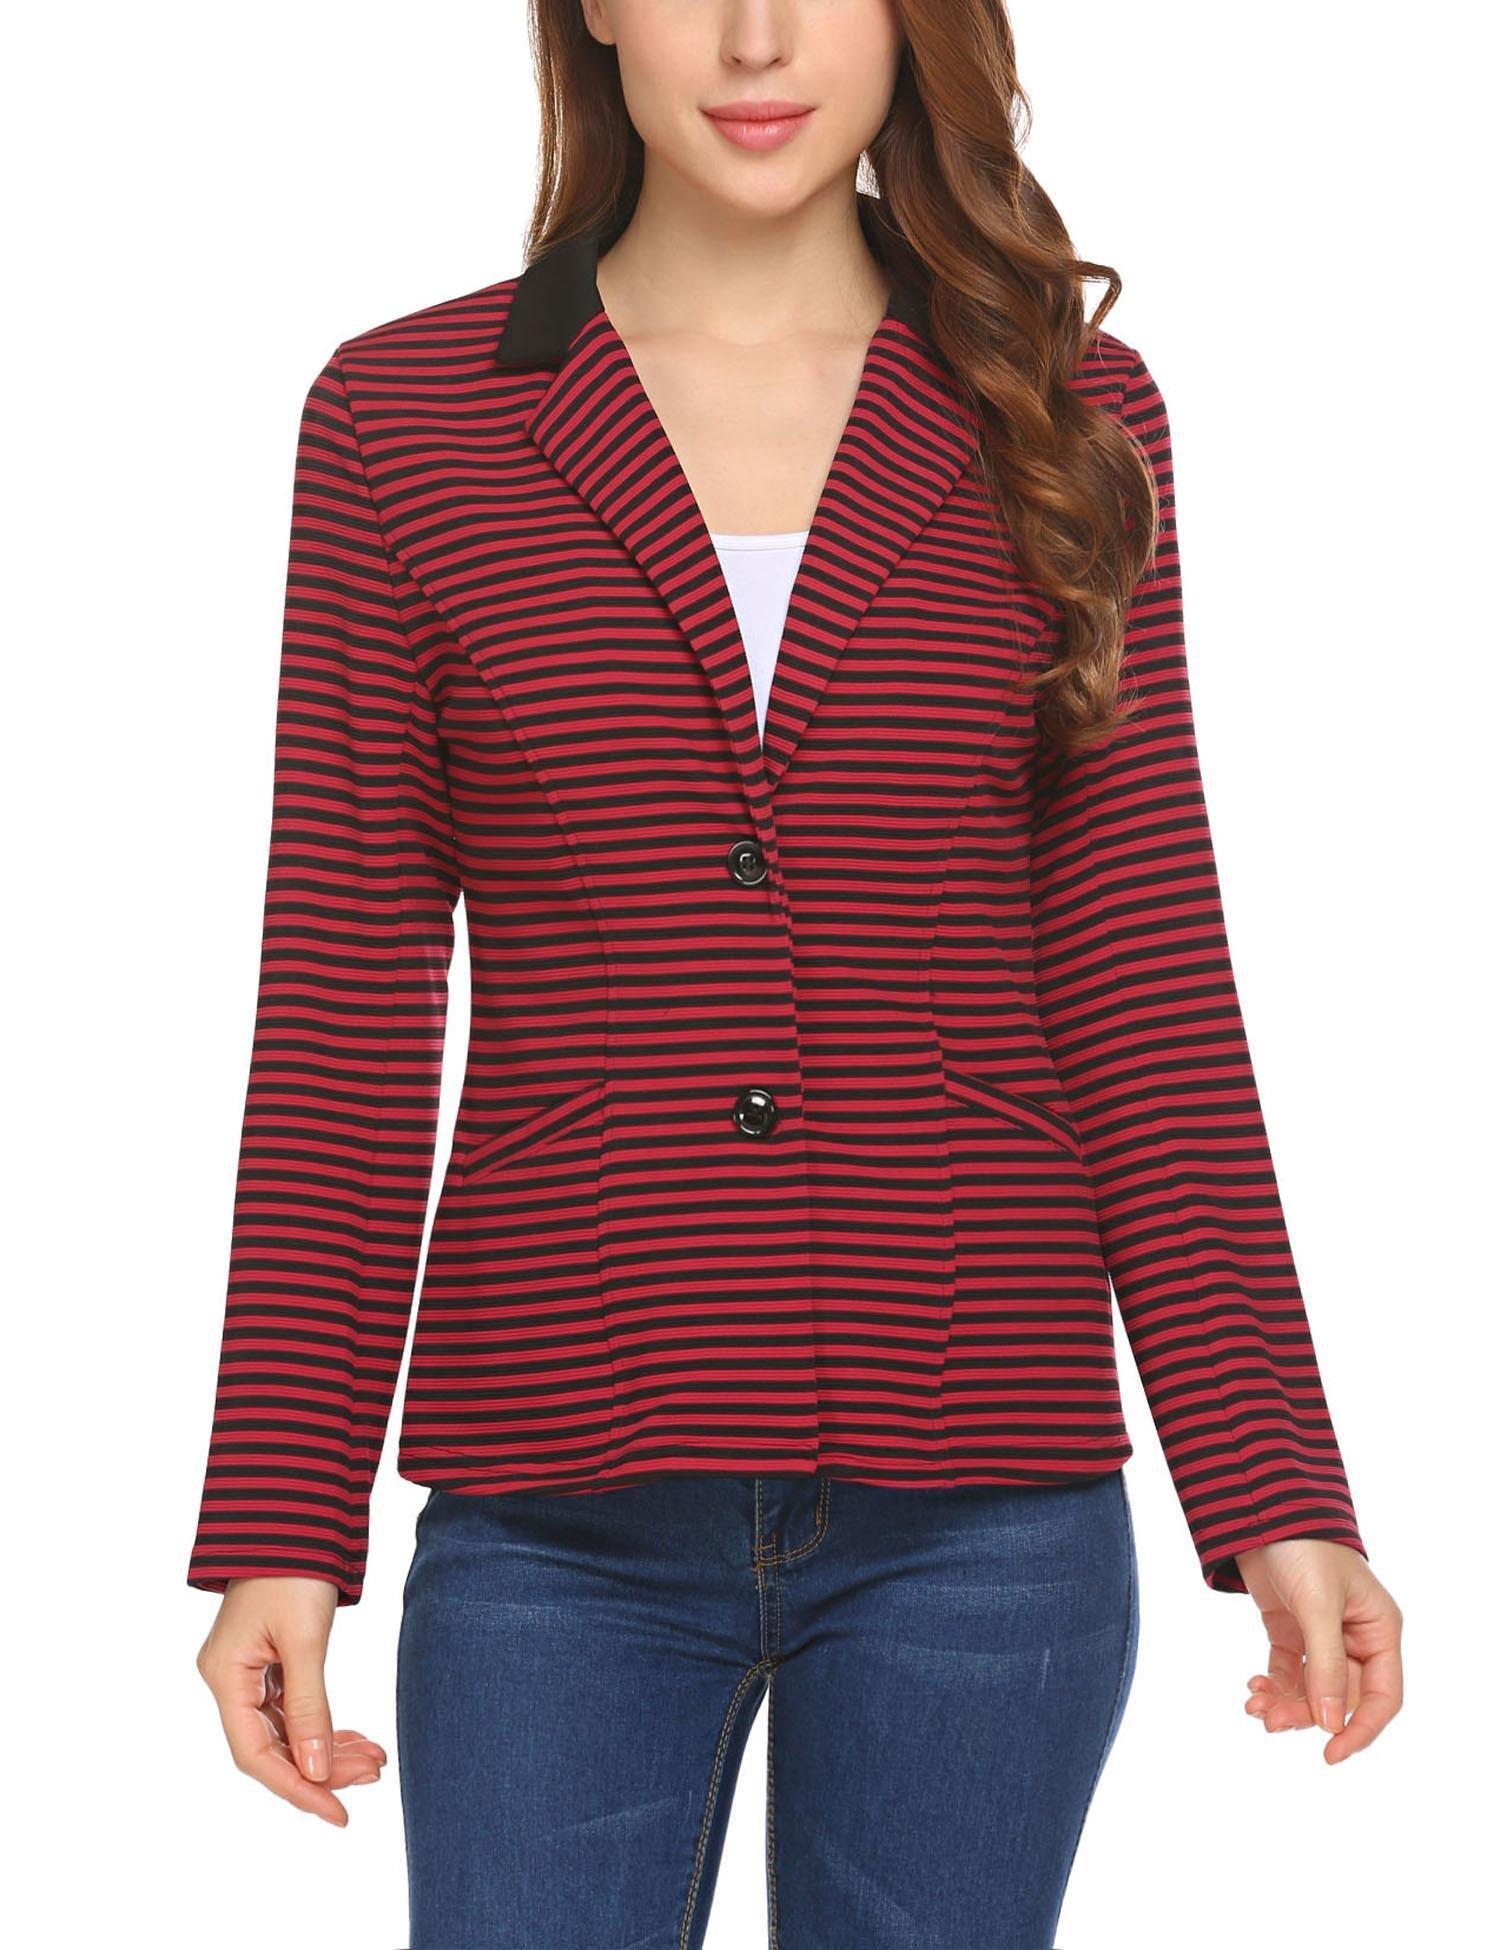 SoTeer Women's Long Sleeve Blazer Striped Button Jacket Suit Outwear Coat Red L